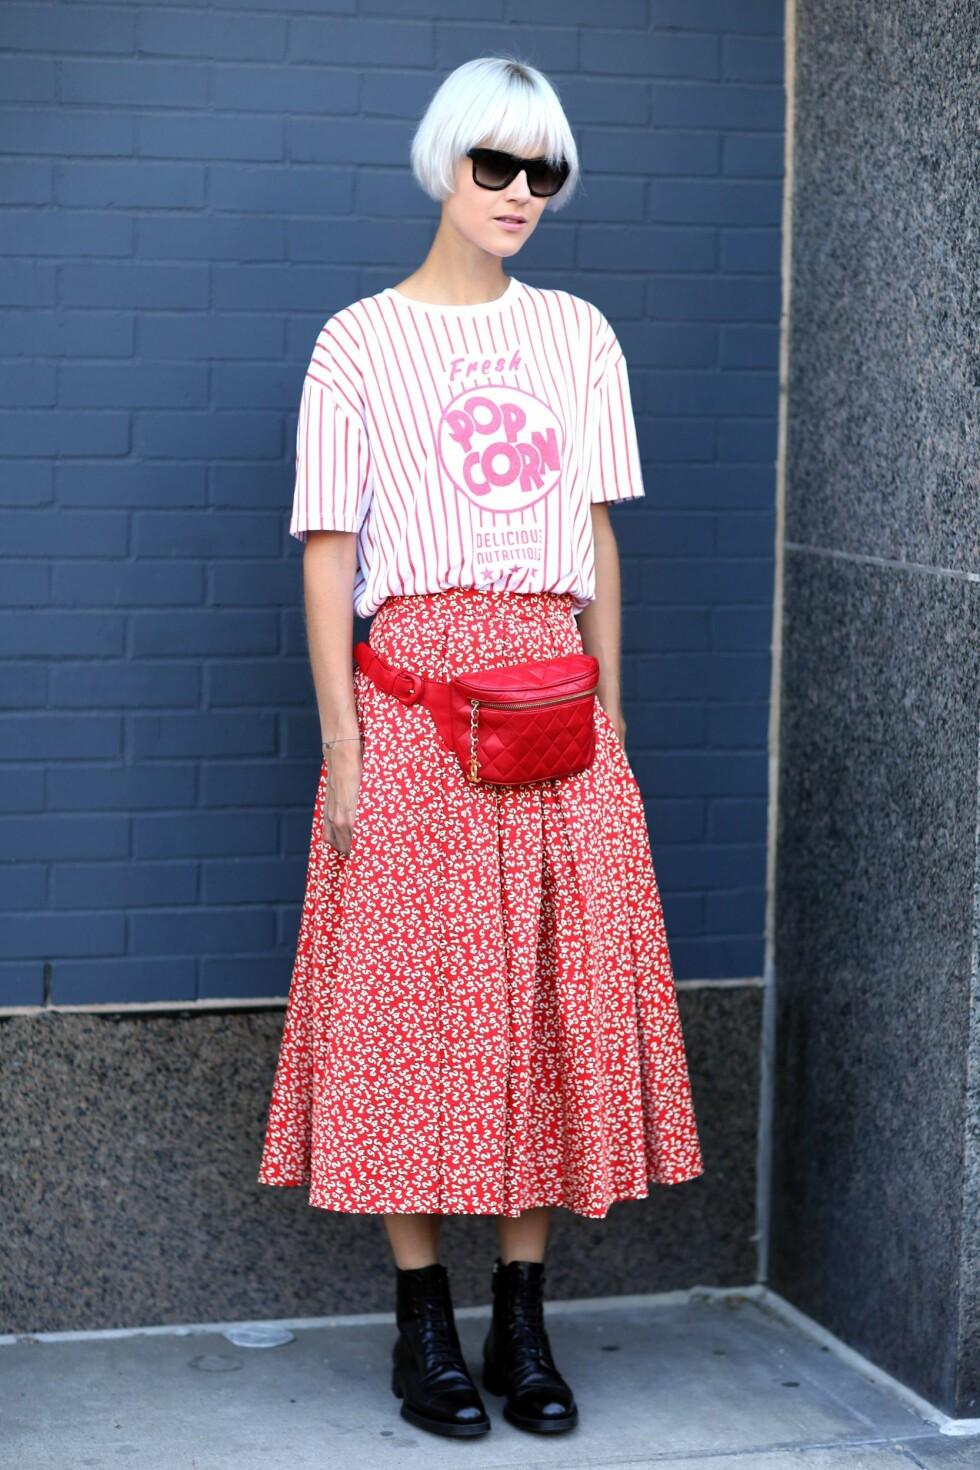 De tilfeldige motivene gjort i vintage-stil tar T-skjorte-trenden på kornet. Foto: All Over